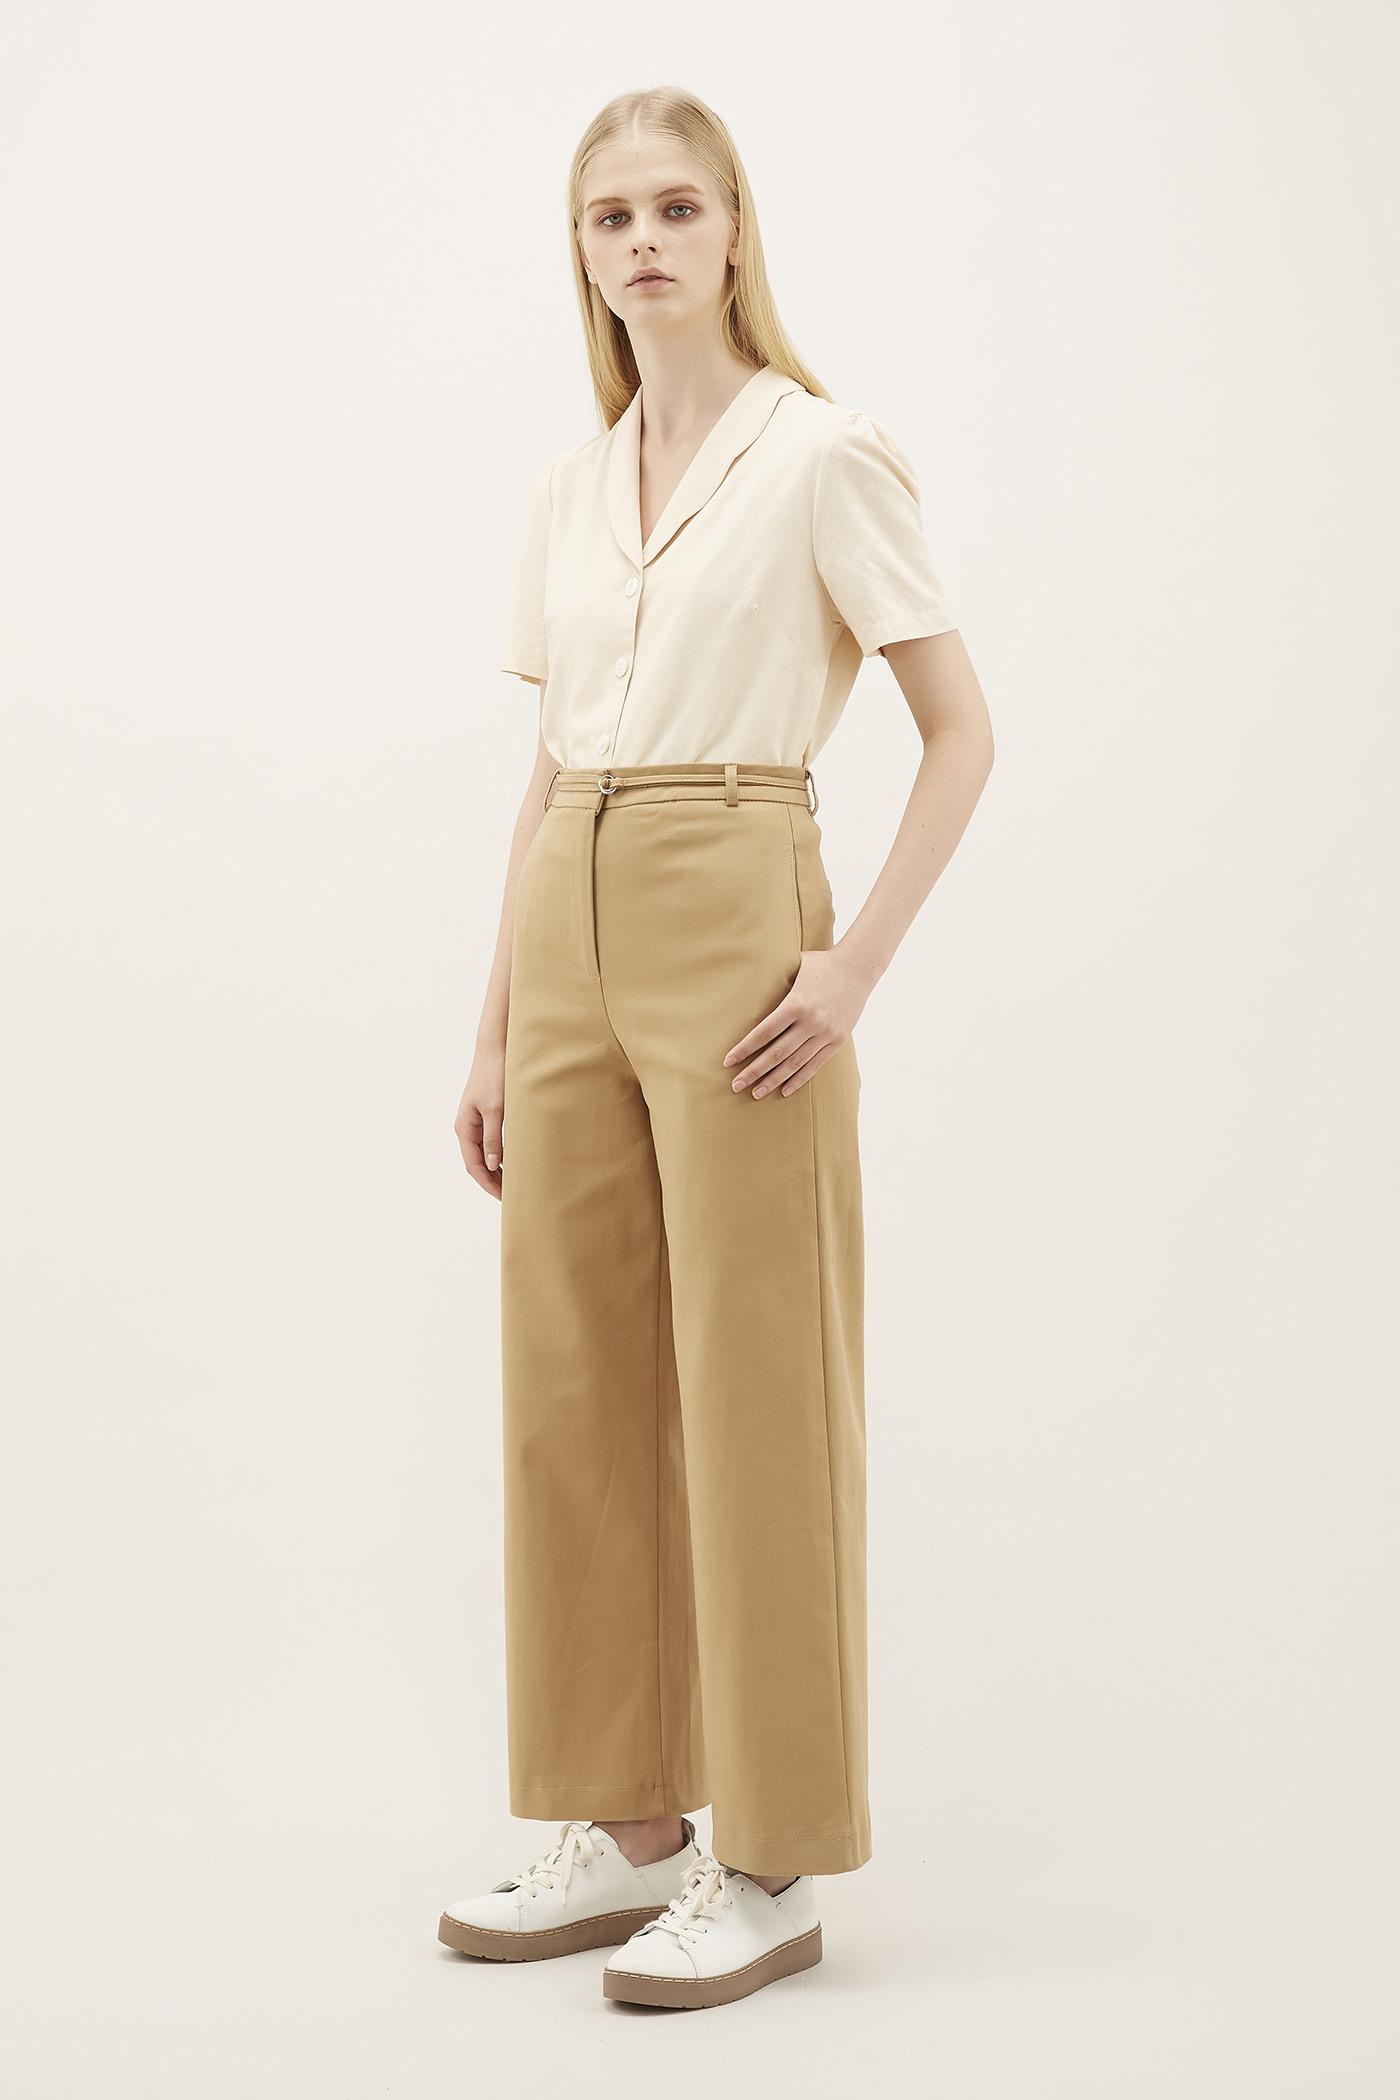 Belva Strap-tie Trousers